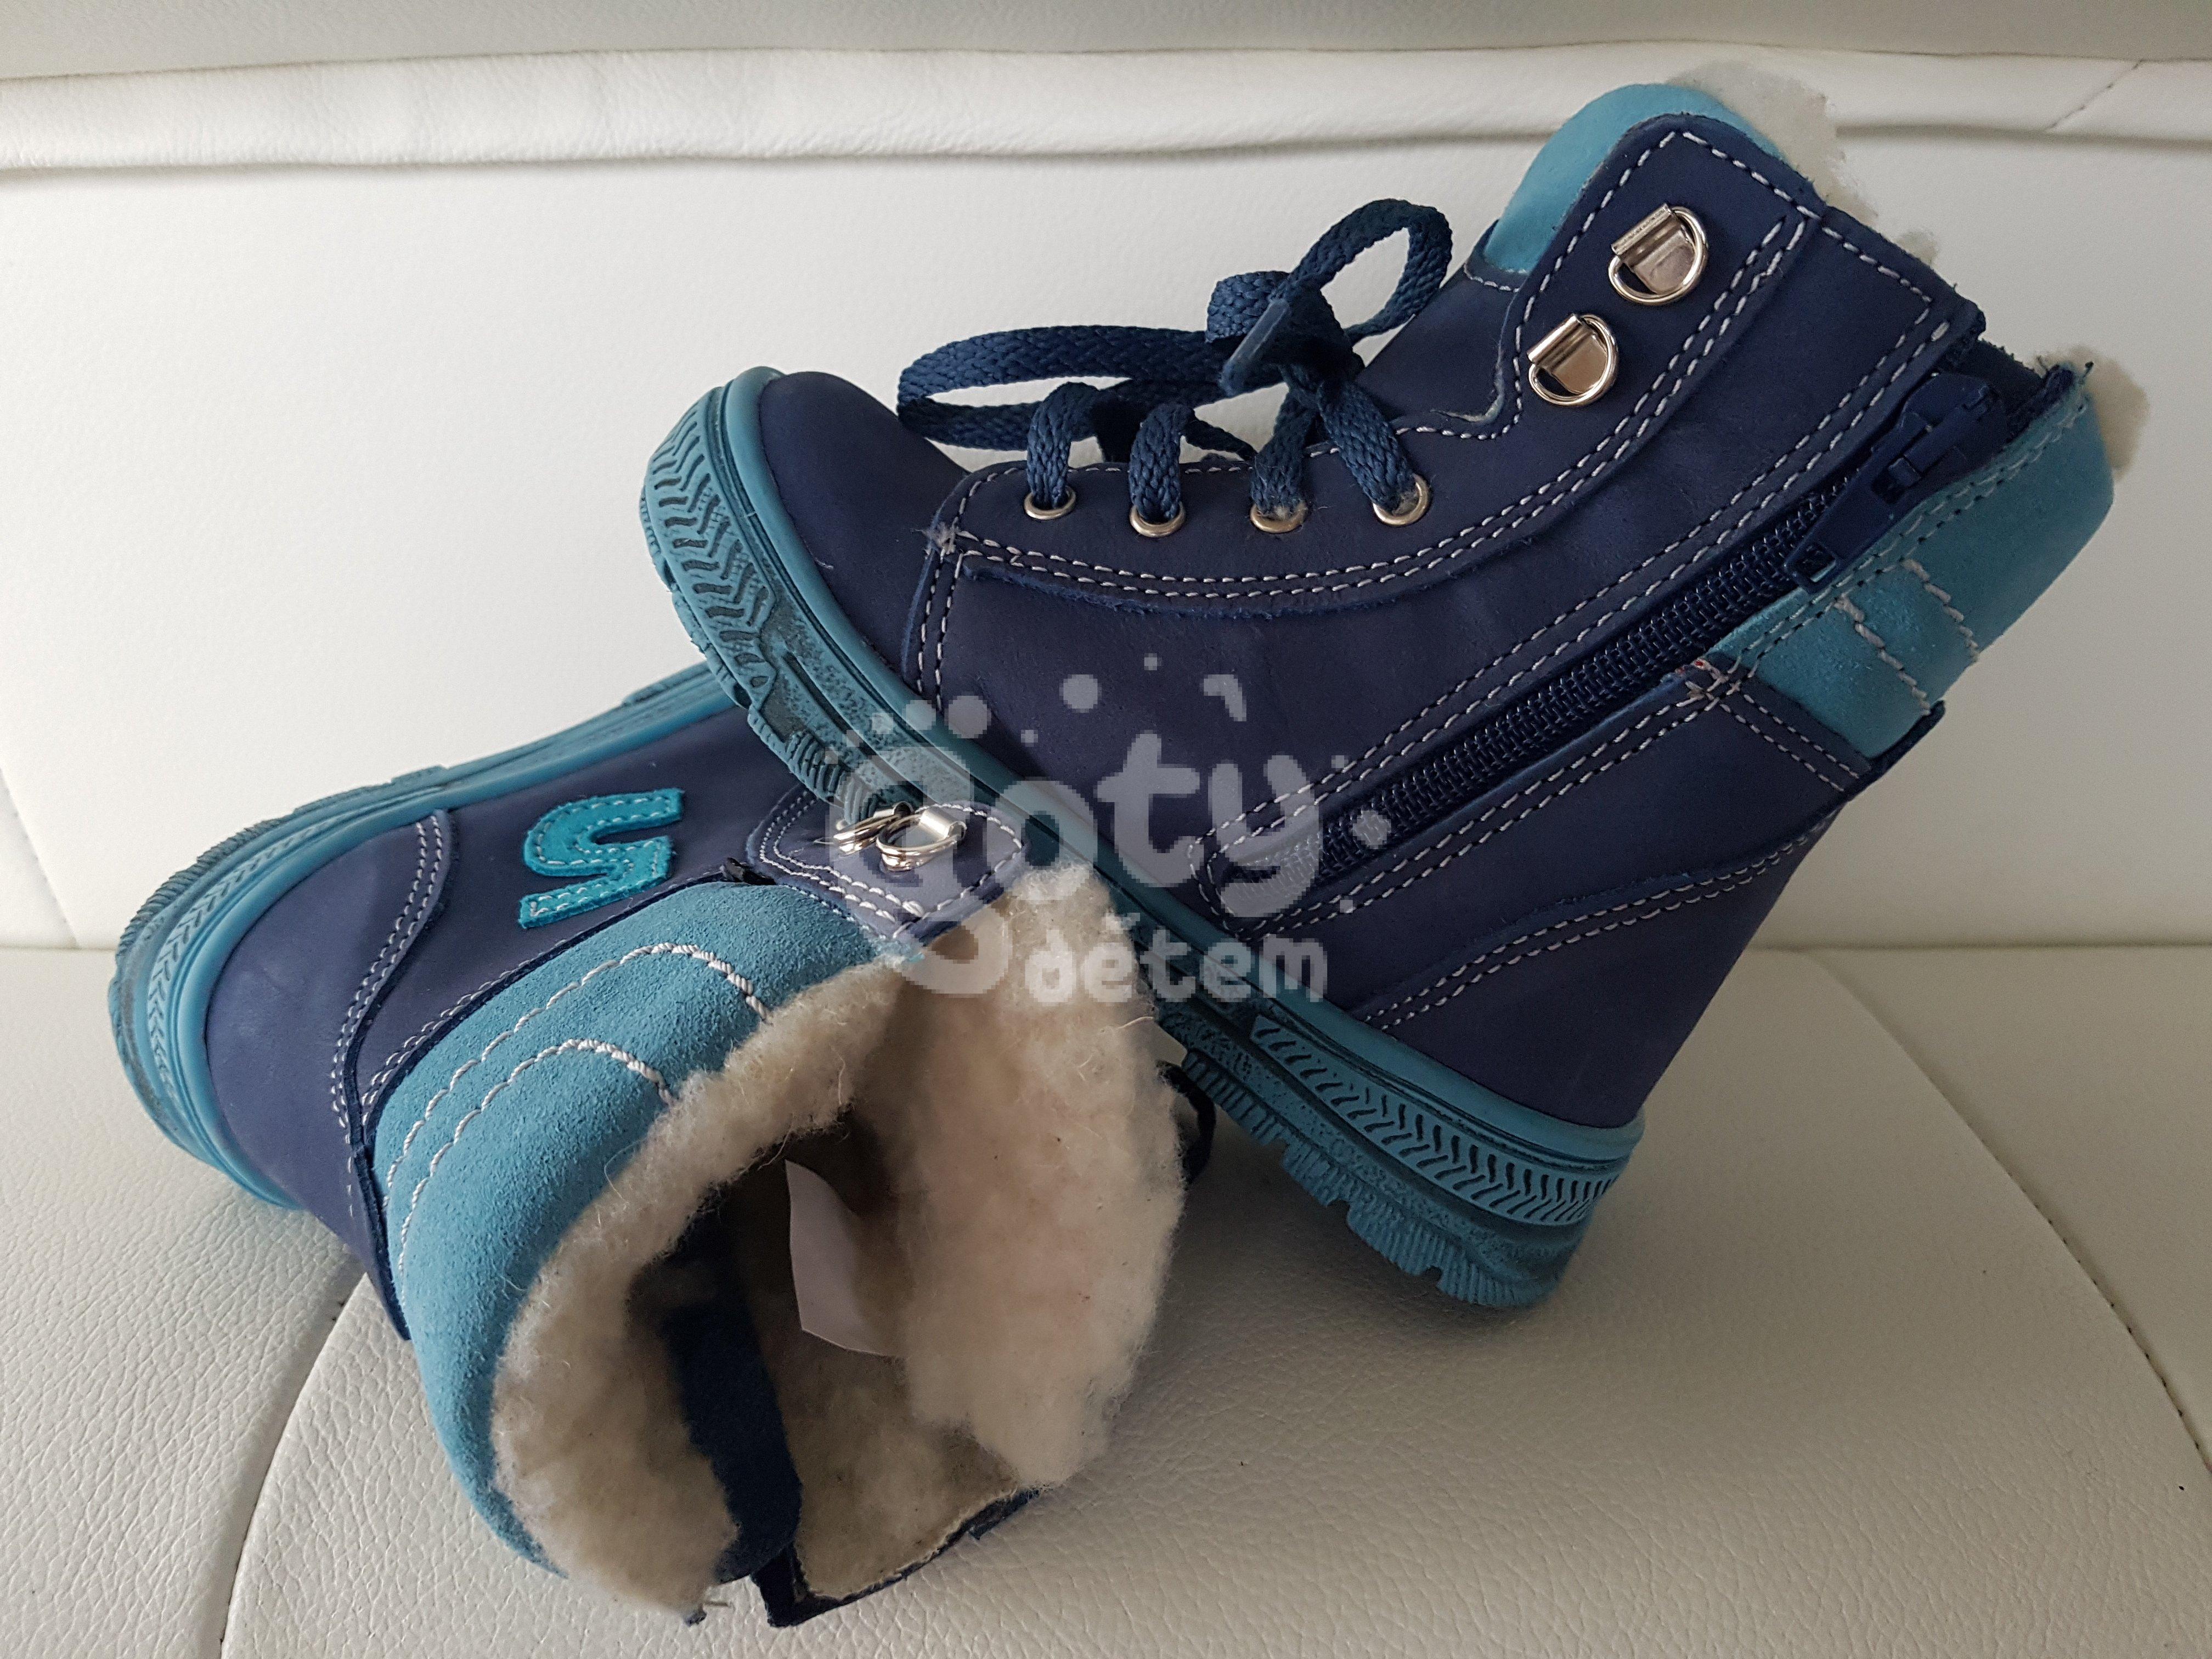 d1a7077f8a1 Zimní kožená obuv SANTÉ HP 4947 Modrá - v nabídce značky Befado ...